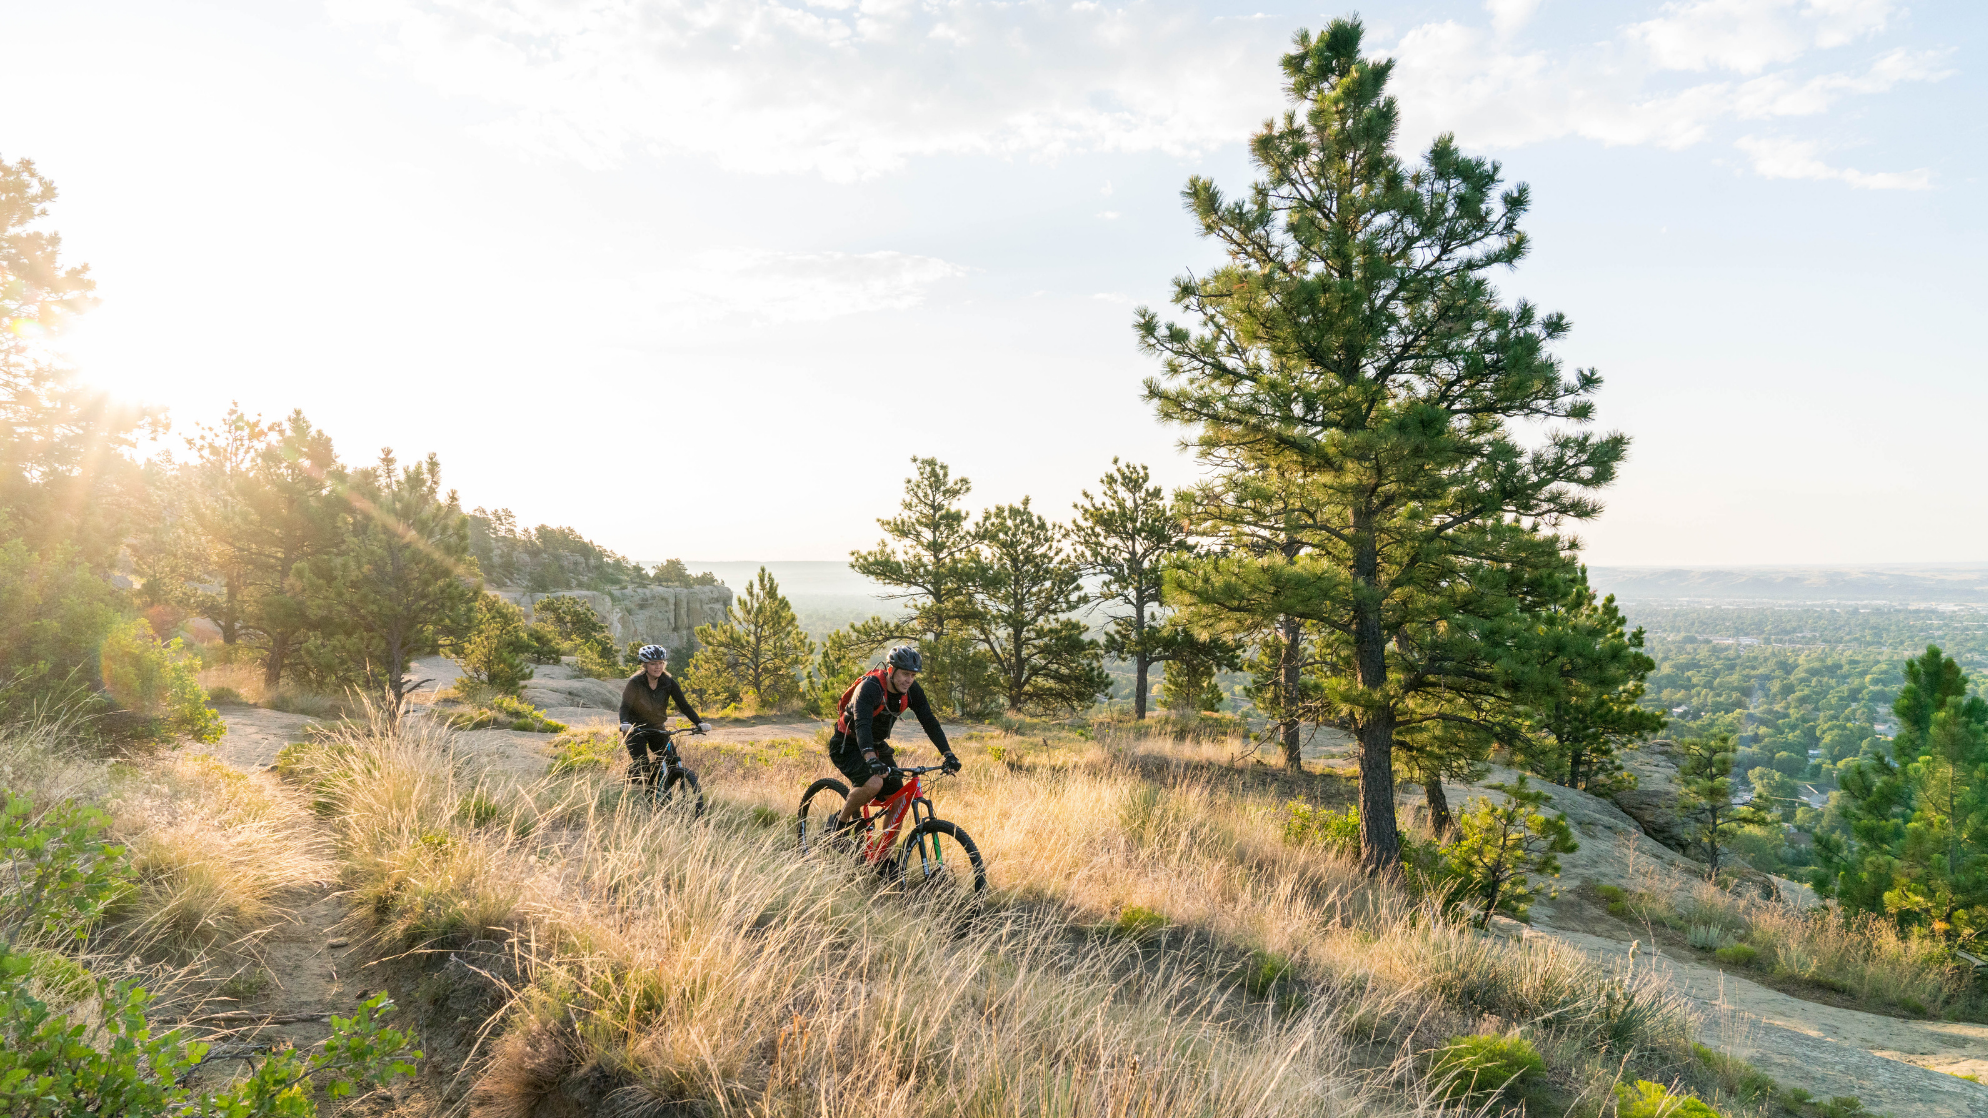 Two people mountain biking in Billings, Montana